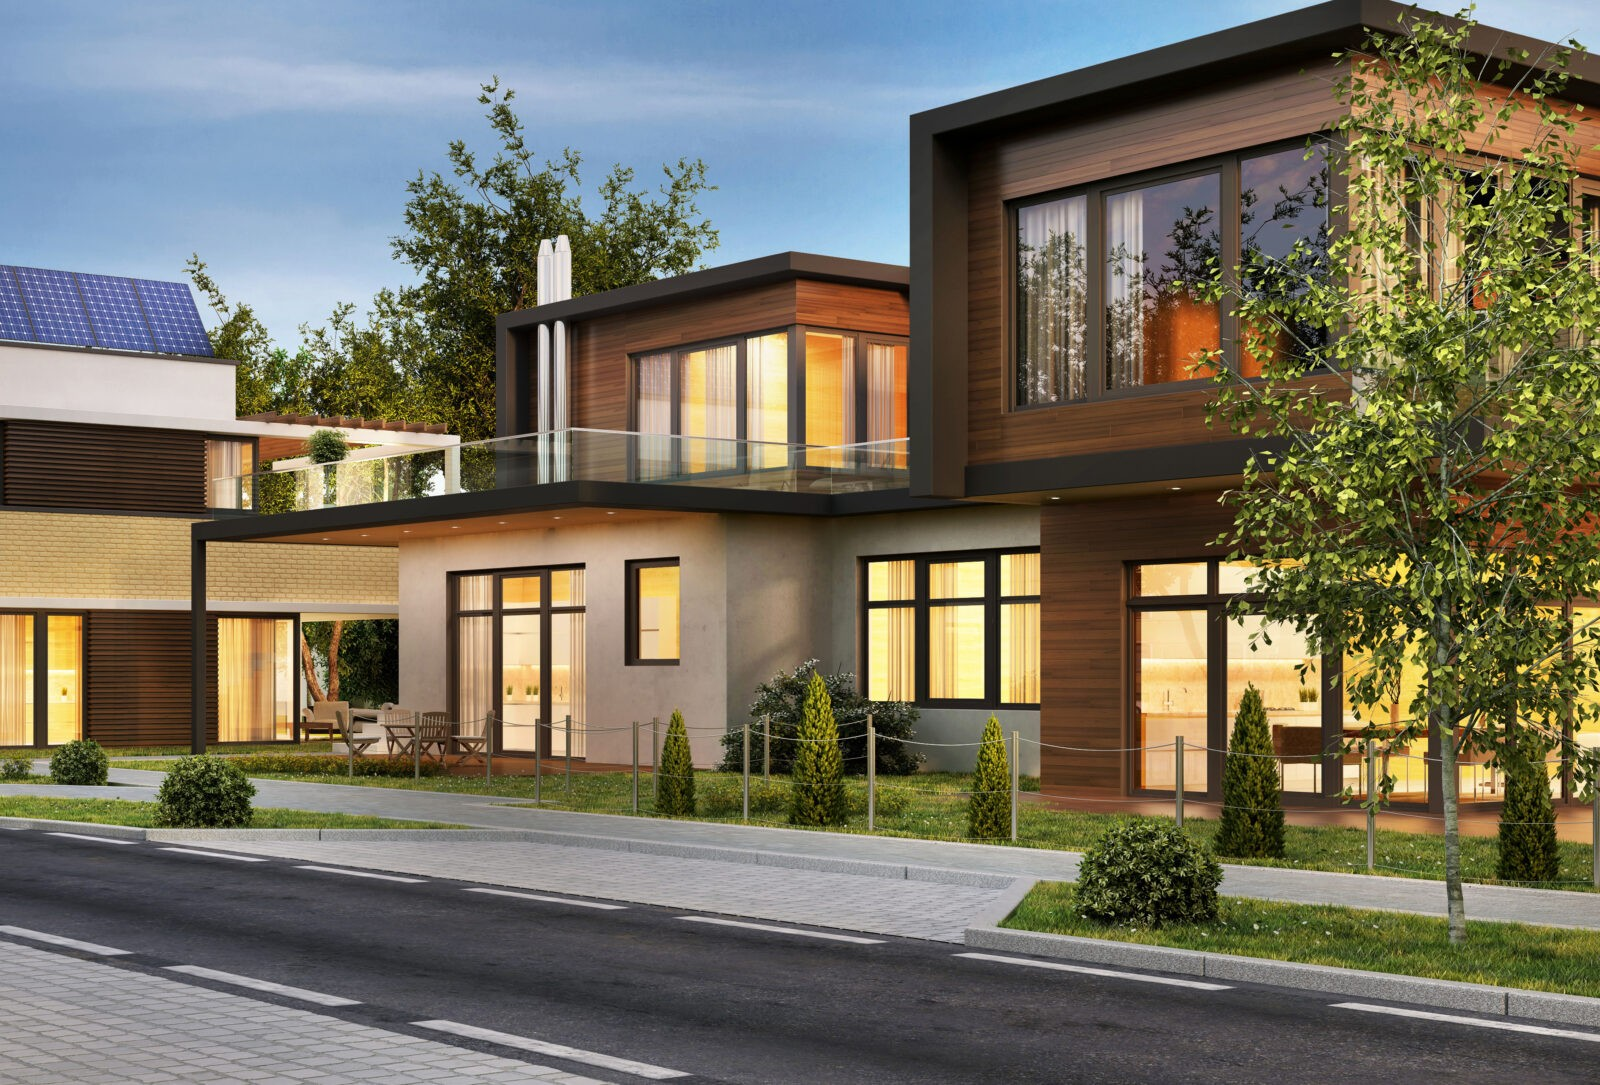 mieszkania z ogródkiem legnica